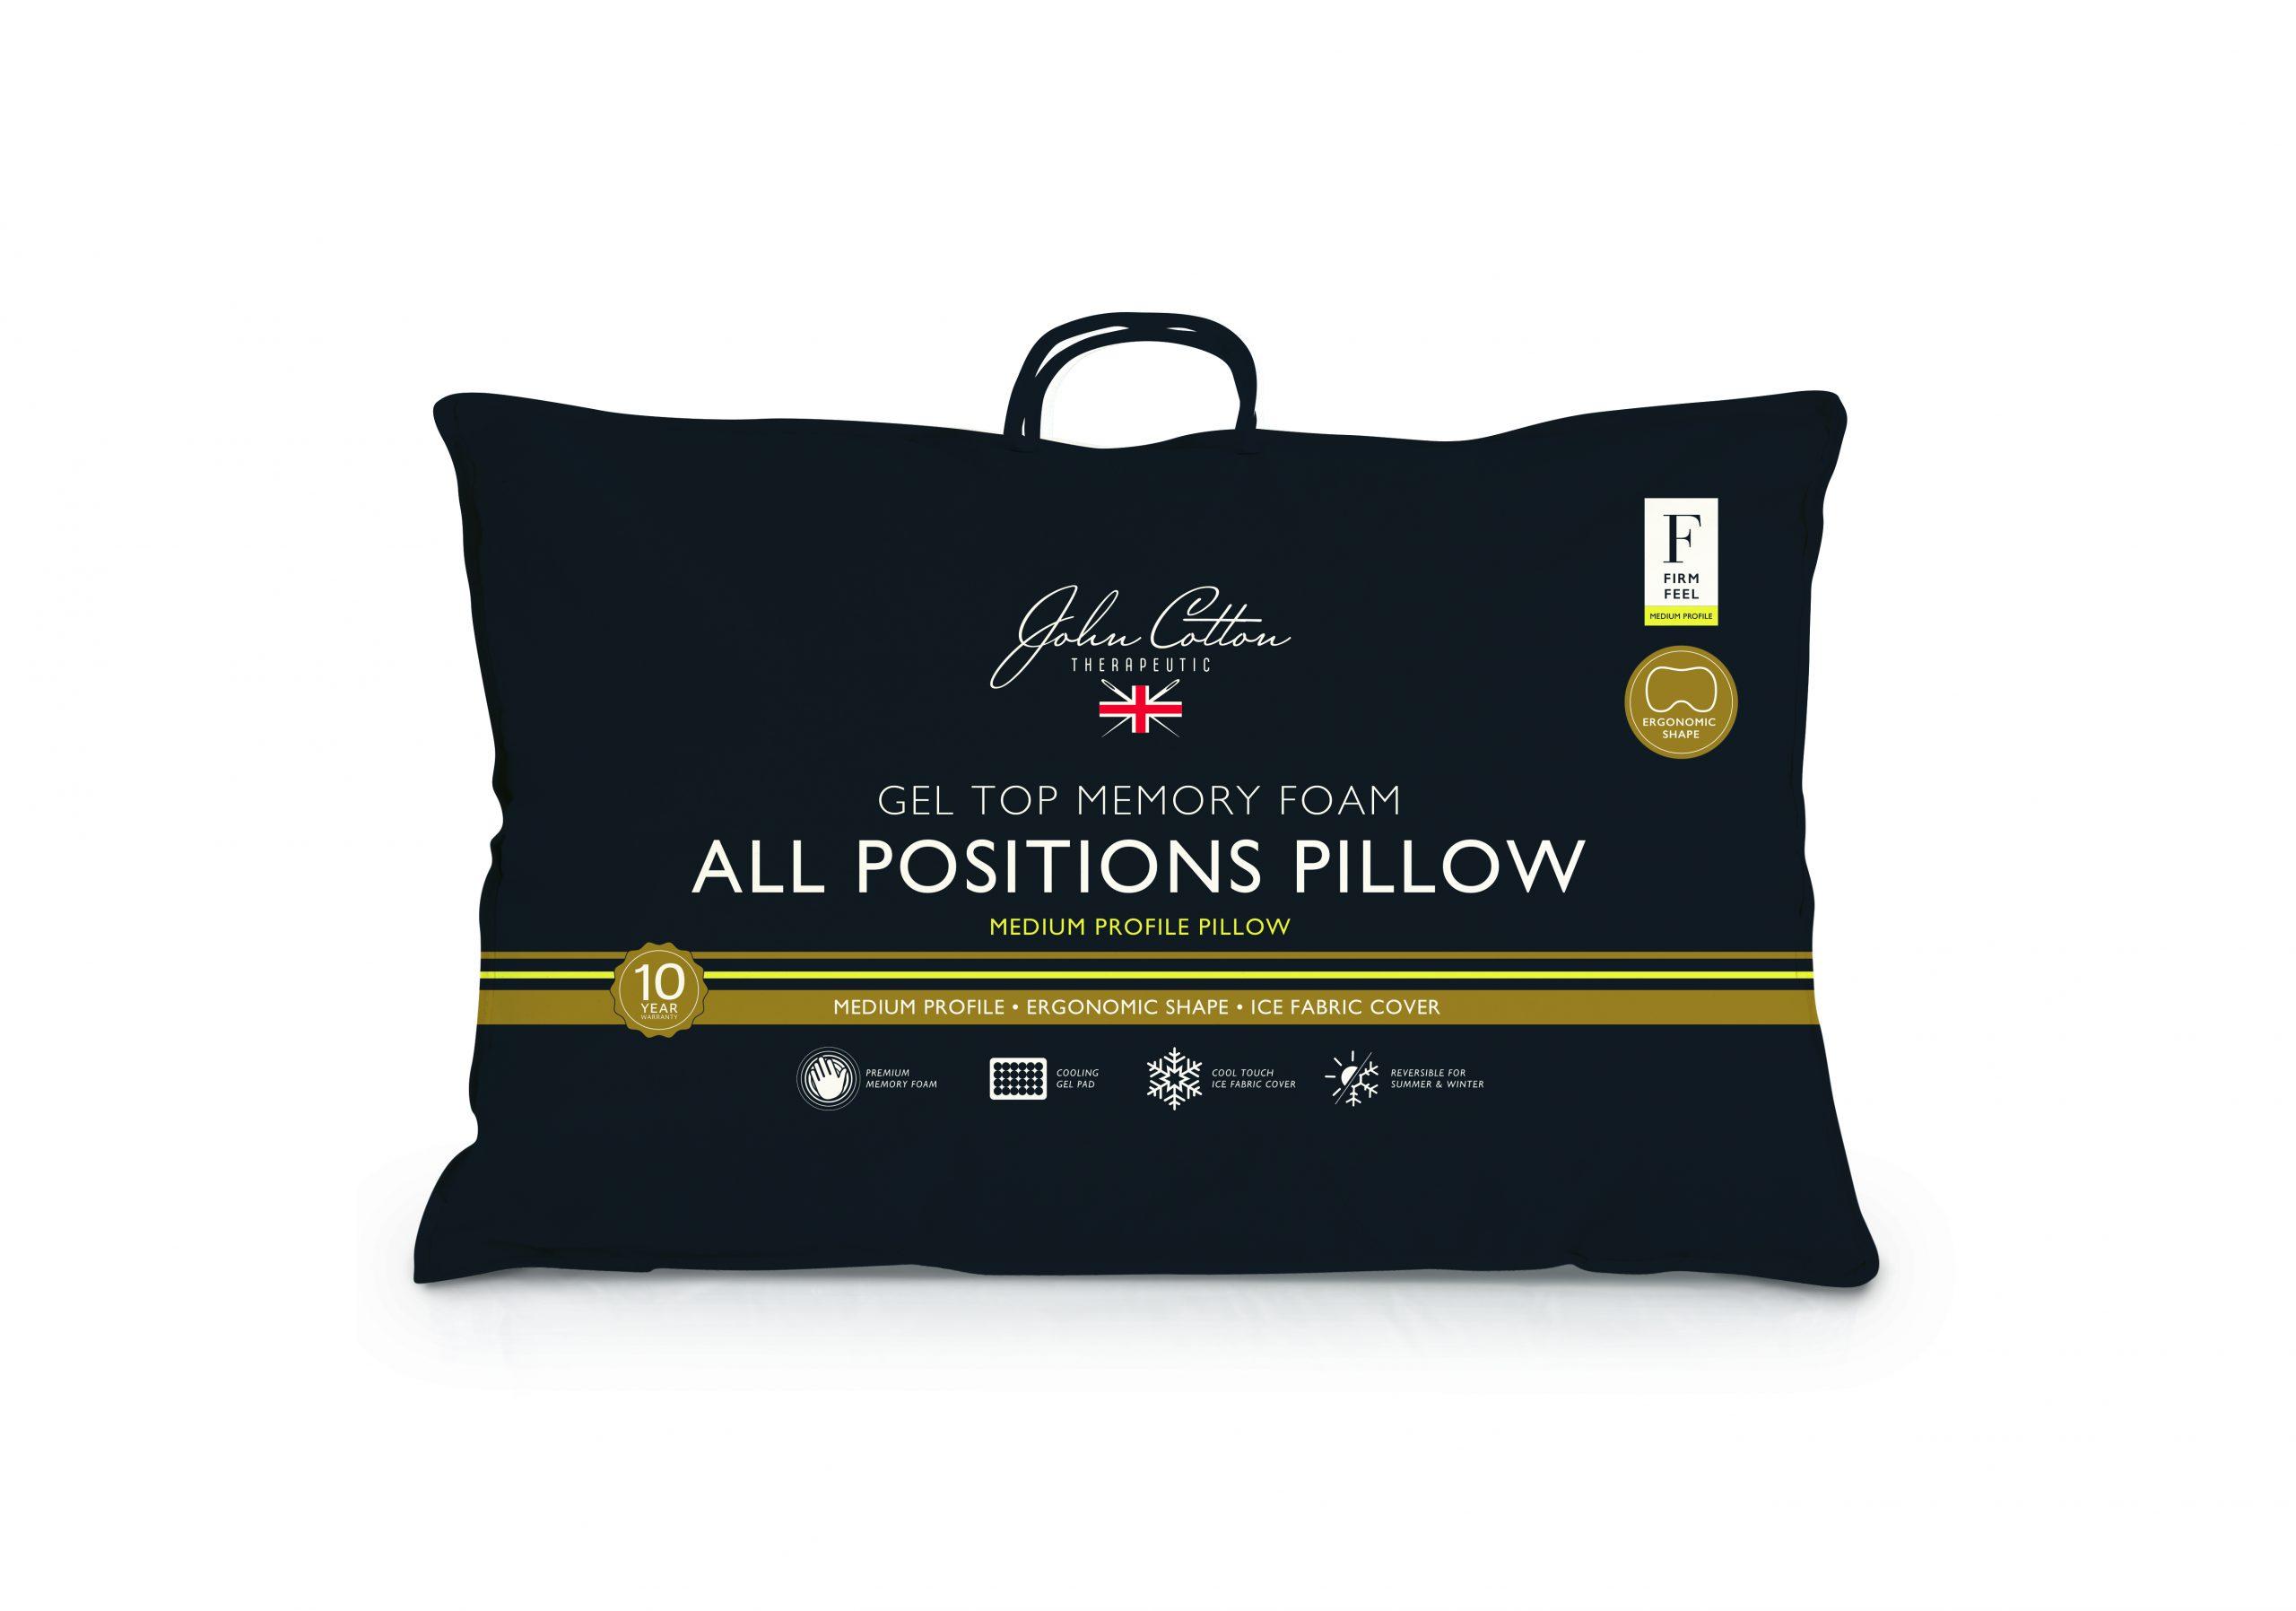 John Cotton All Positions Gel Top Memory Foam Pillow